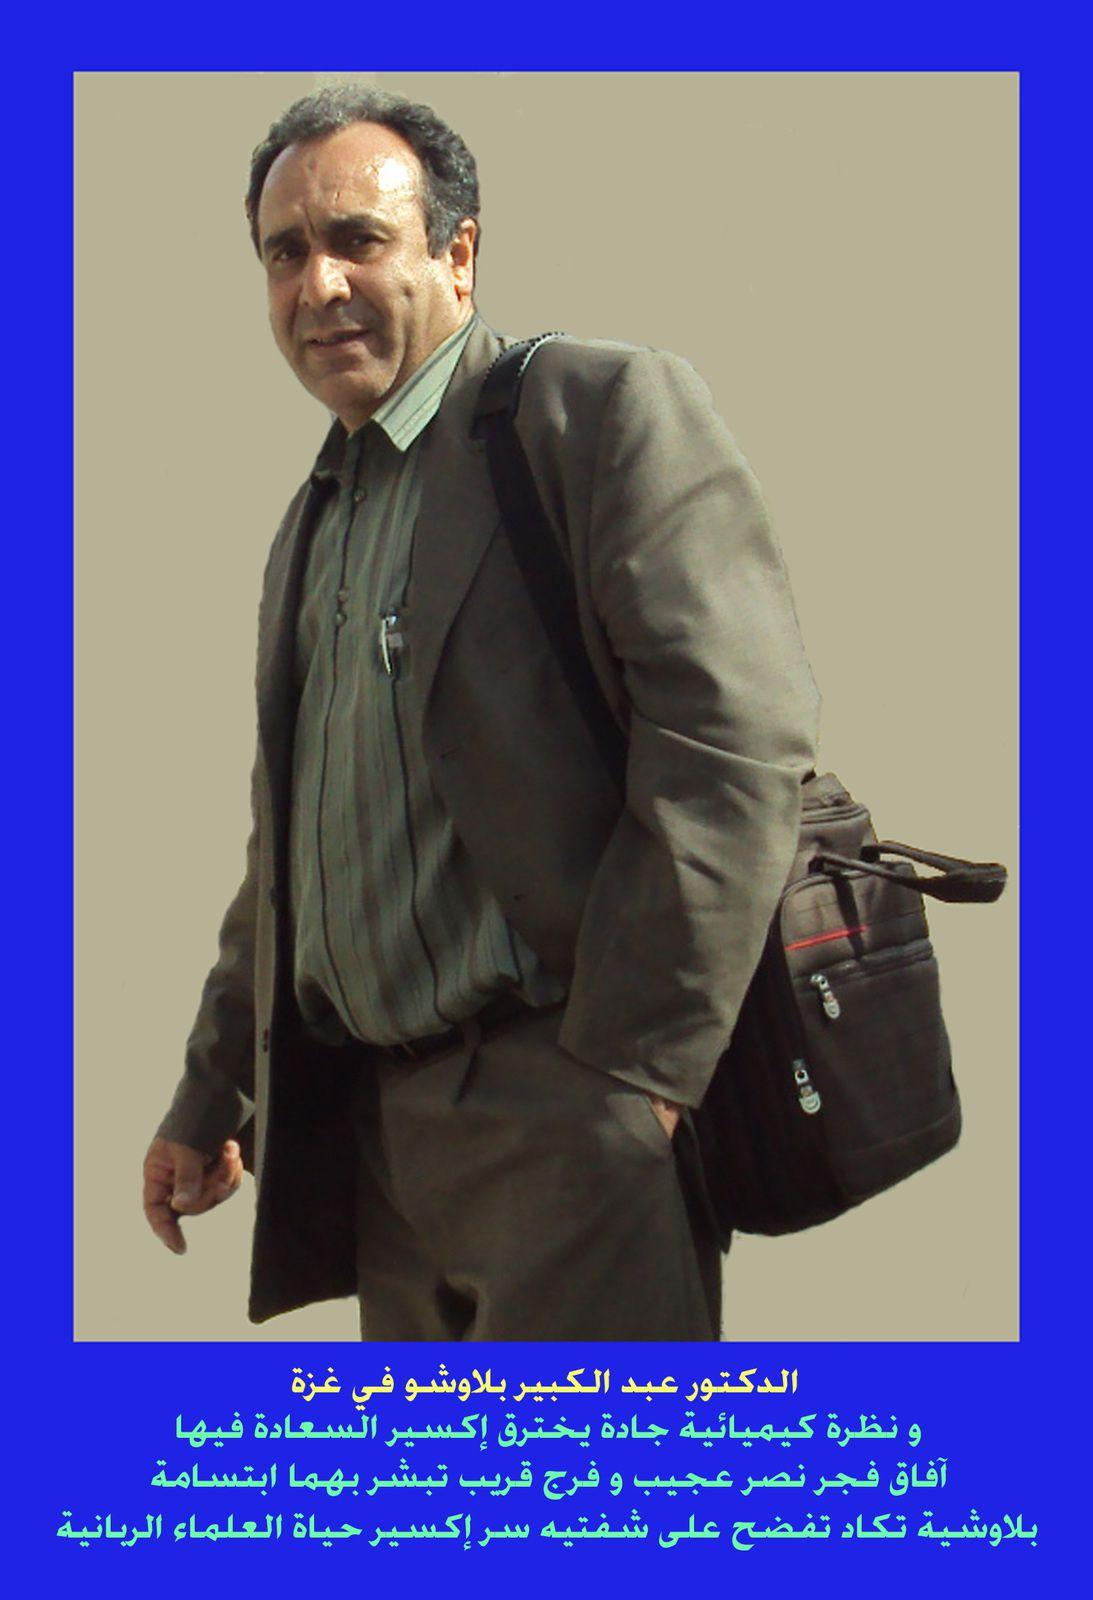 بلاوشو عضوا في المجلس الأعلى للتعليم